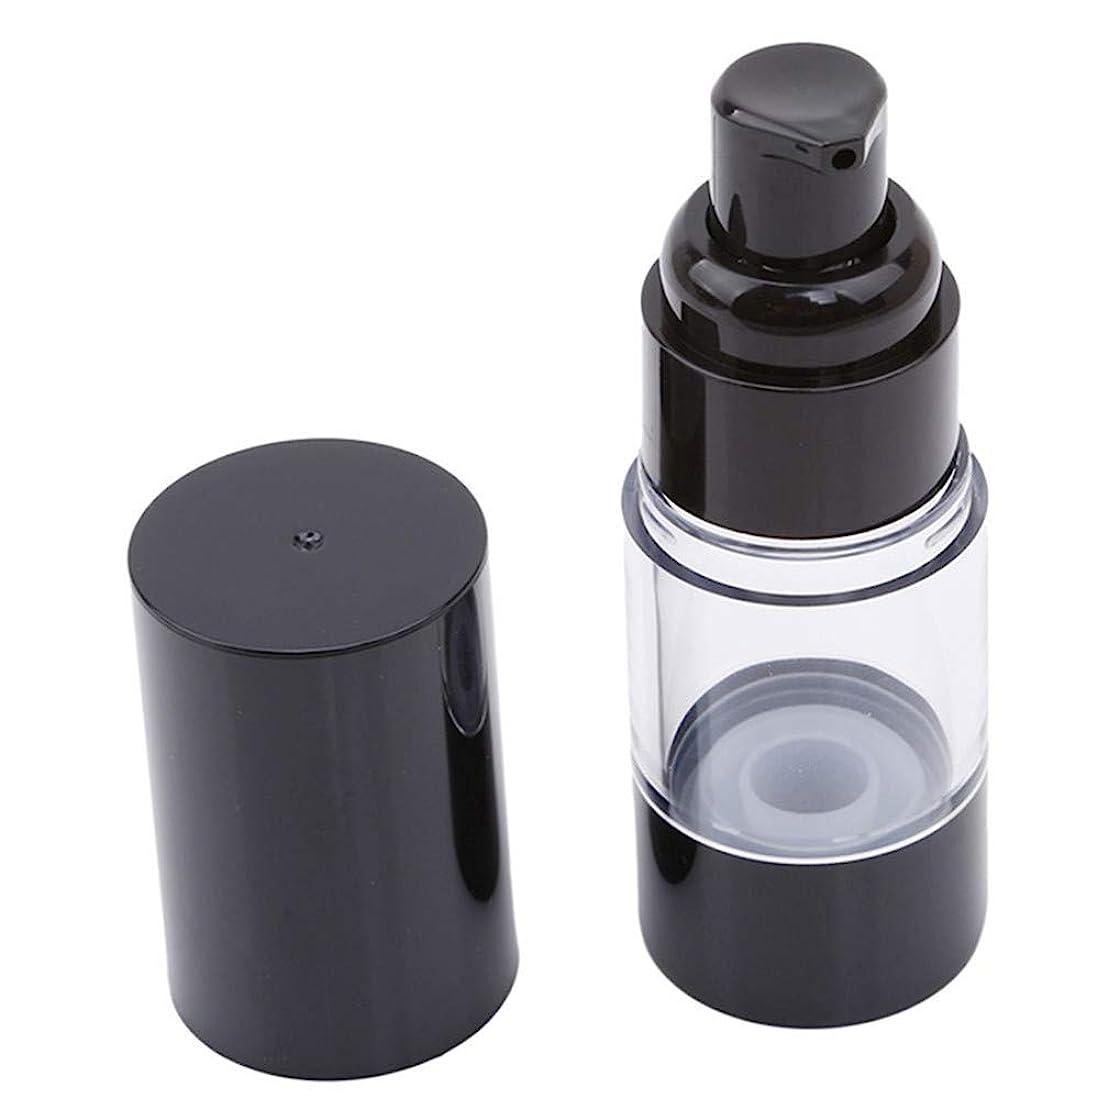 動機付ける再集計意外LJSLYJ 真空ポンプ化粧品ボトル旅行ポータブルBBクリームファンデーションプレスミニエマルジョンスプレー空のボトル、15ミリリットル